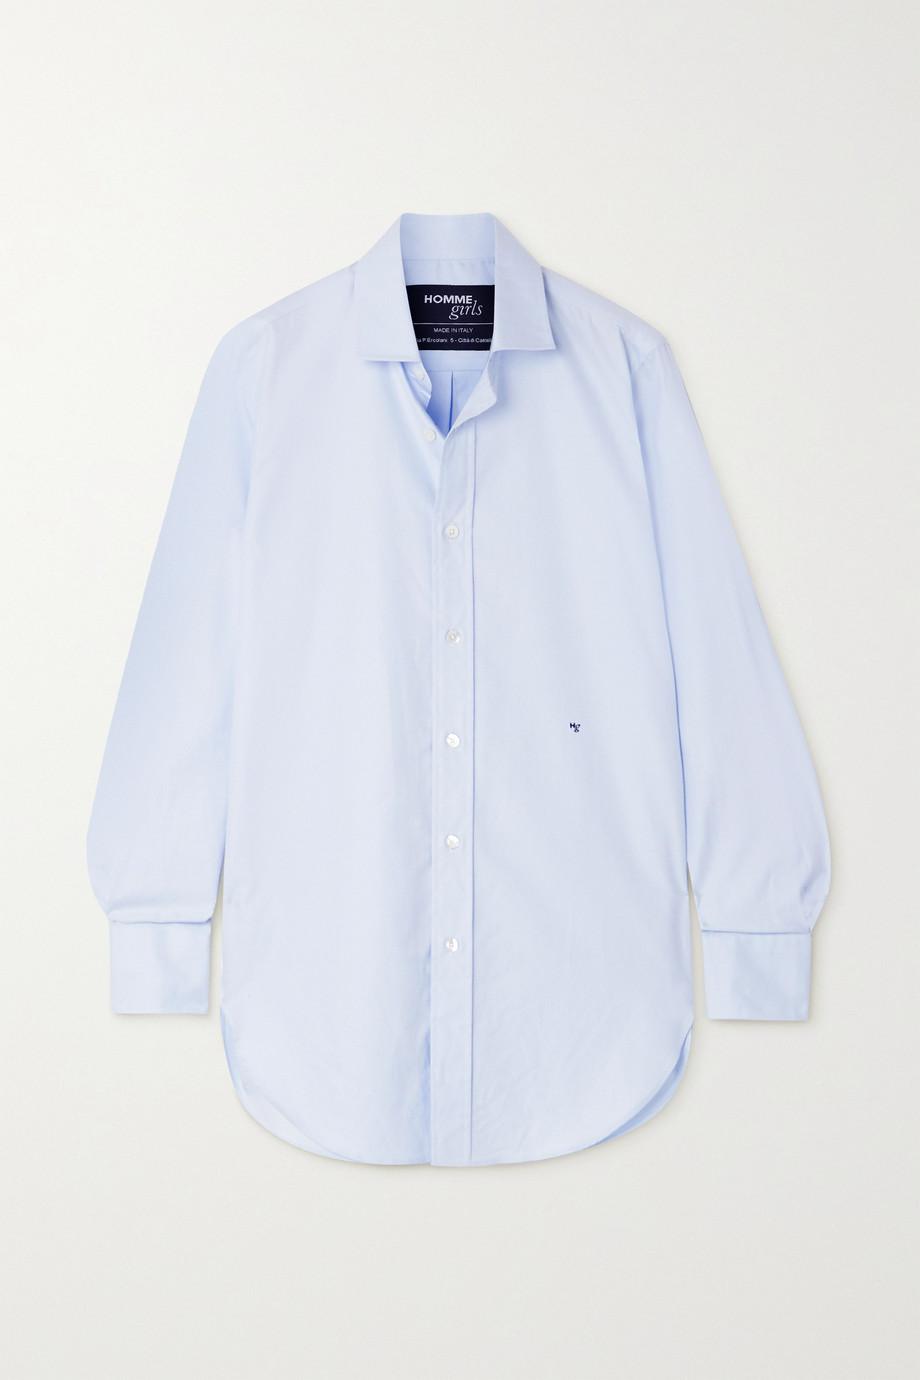 Hommegirls Embroidered cotton-poplin shirt